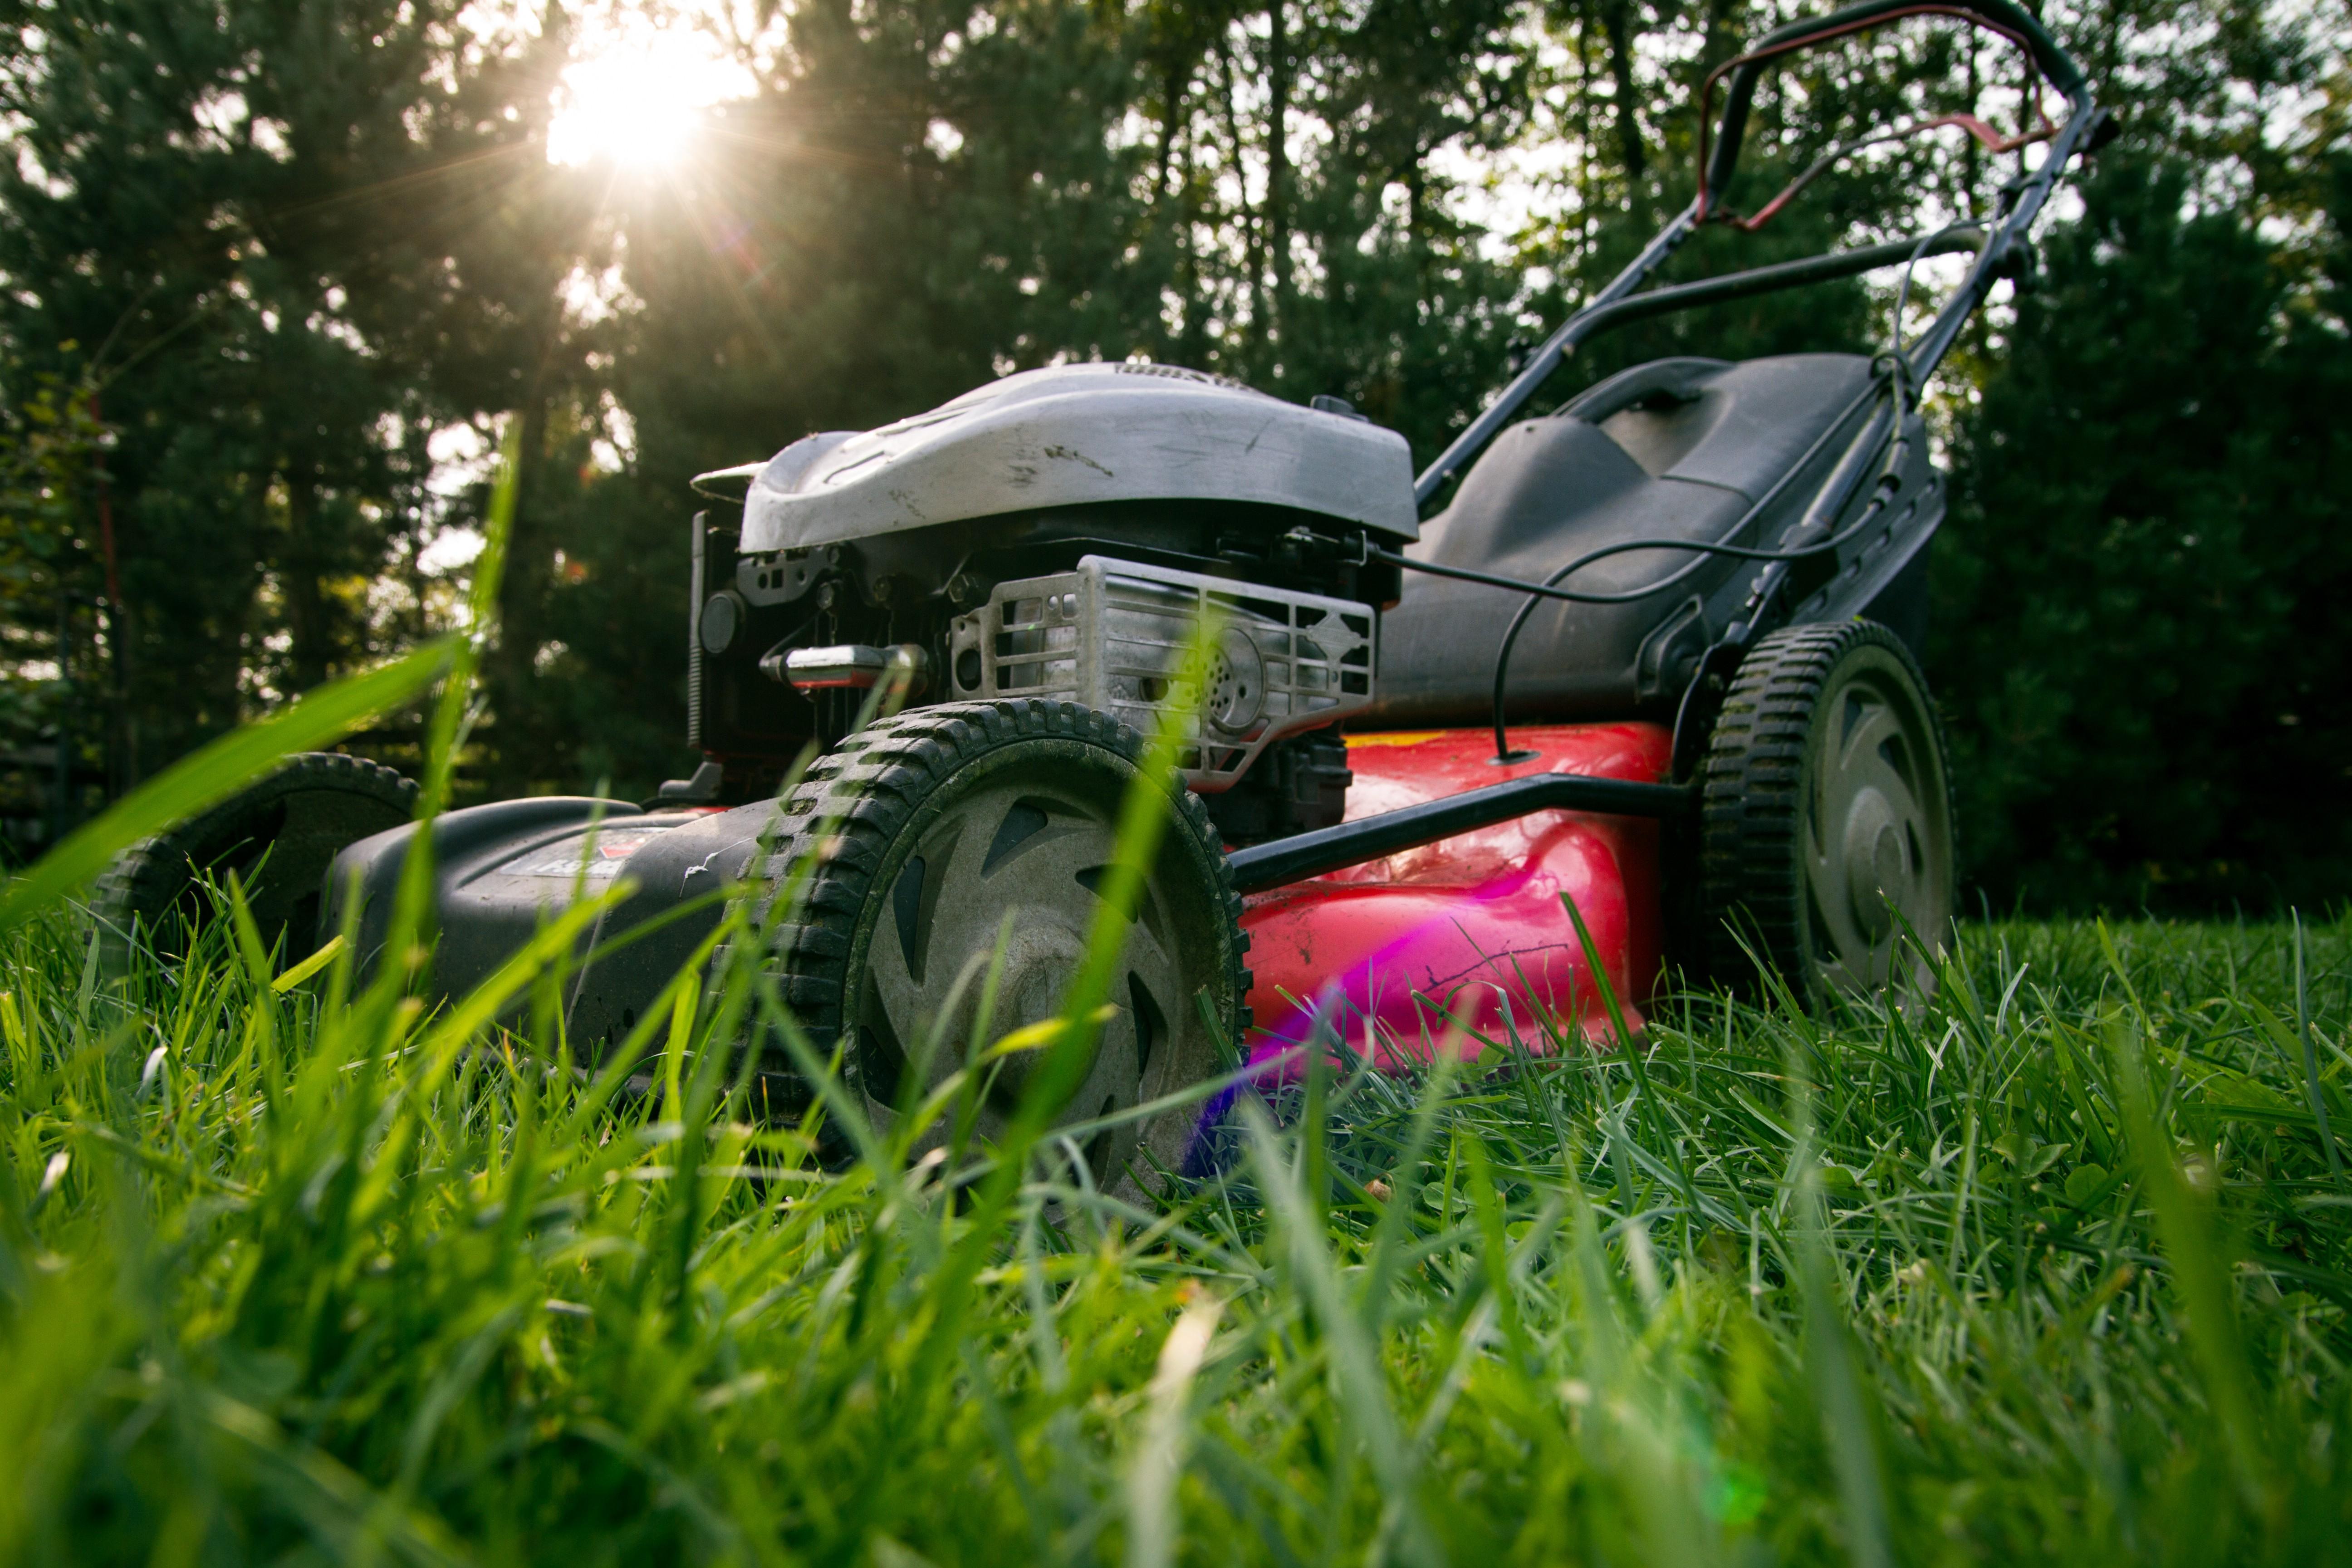 3 Wheel Car >> Banco de imagens : trabalhos, campo, gramado, roda, verão ...